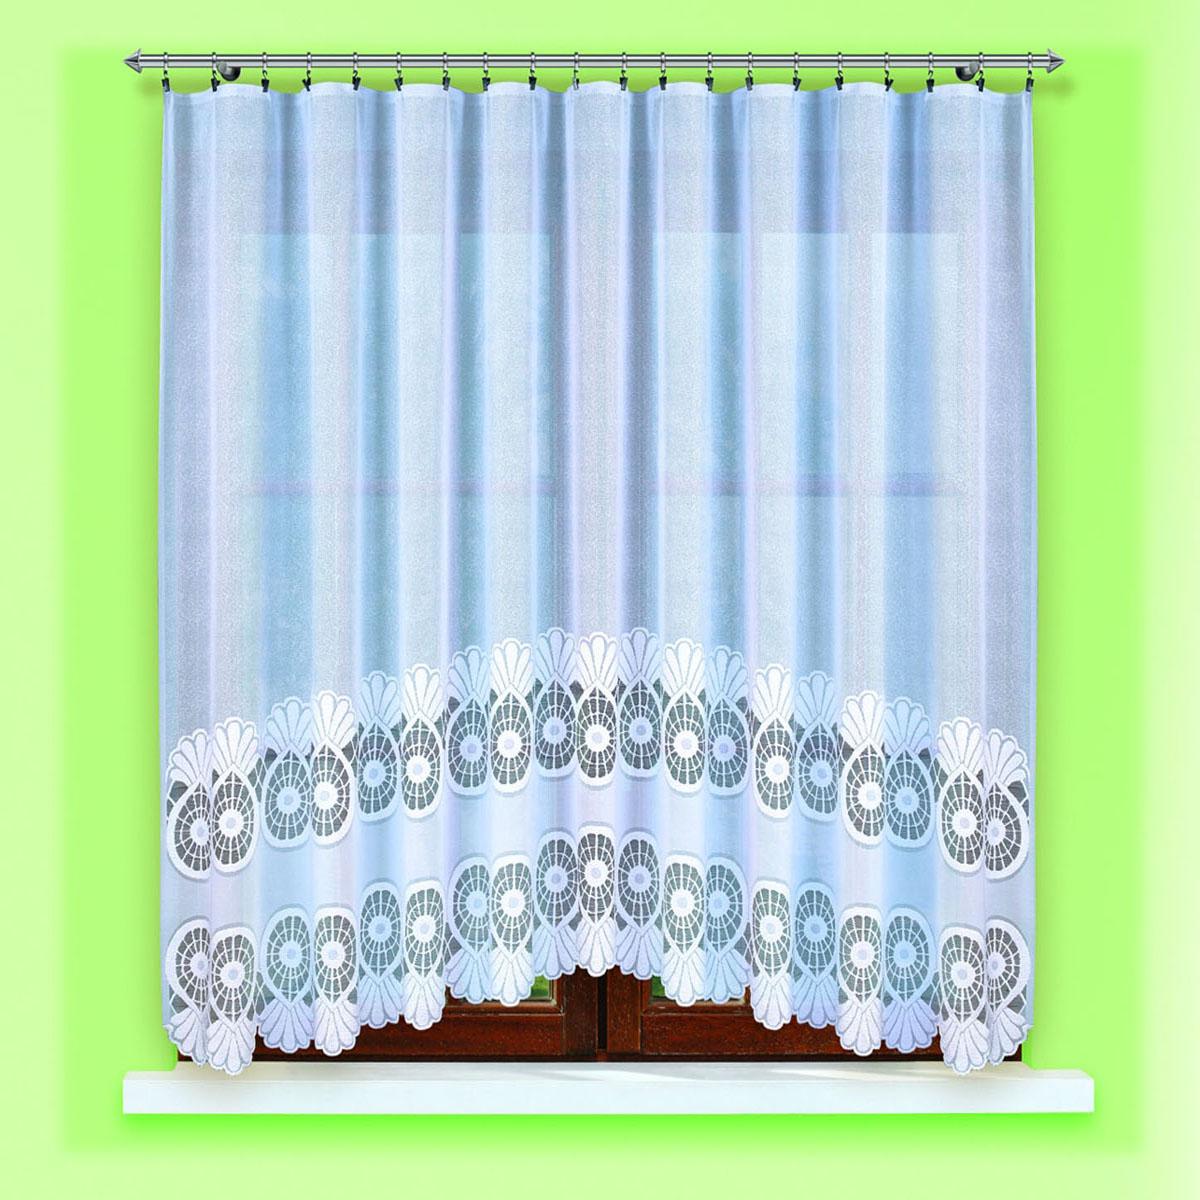 Гардина Haft, цвет: белый, ширина 300 см, высота 150 см. 46960/15046960/150жаккардовая гардидна в кухню белого цвета Размеры: высота150см*ширина 300см